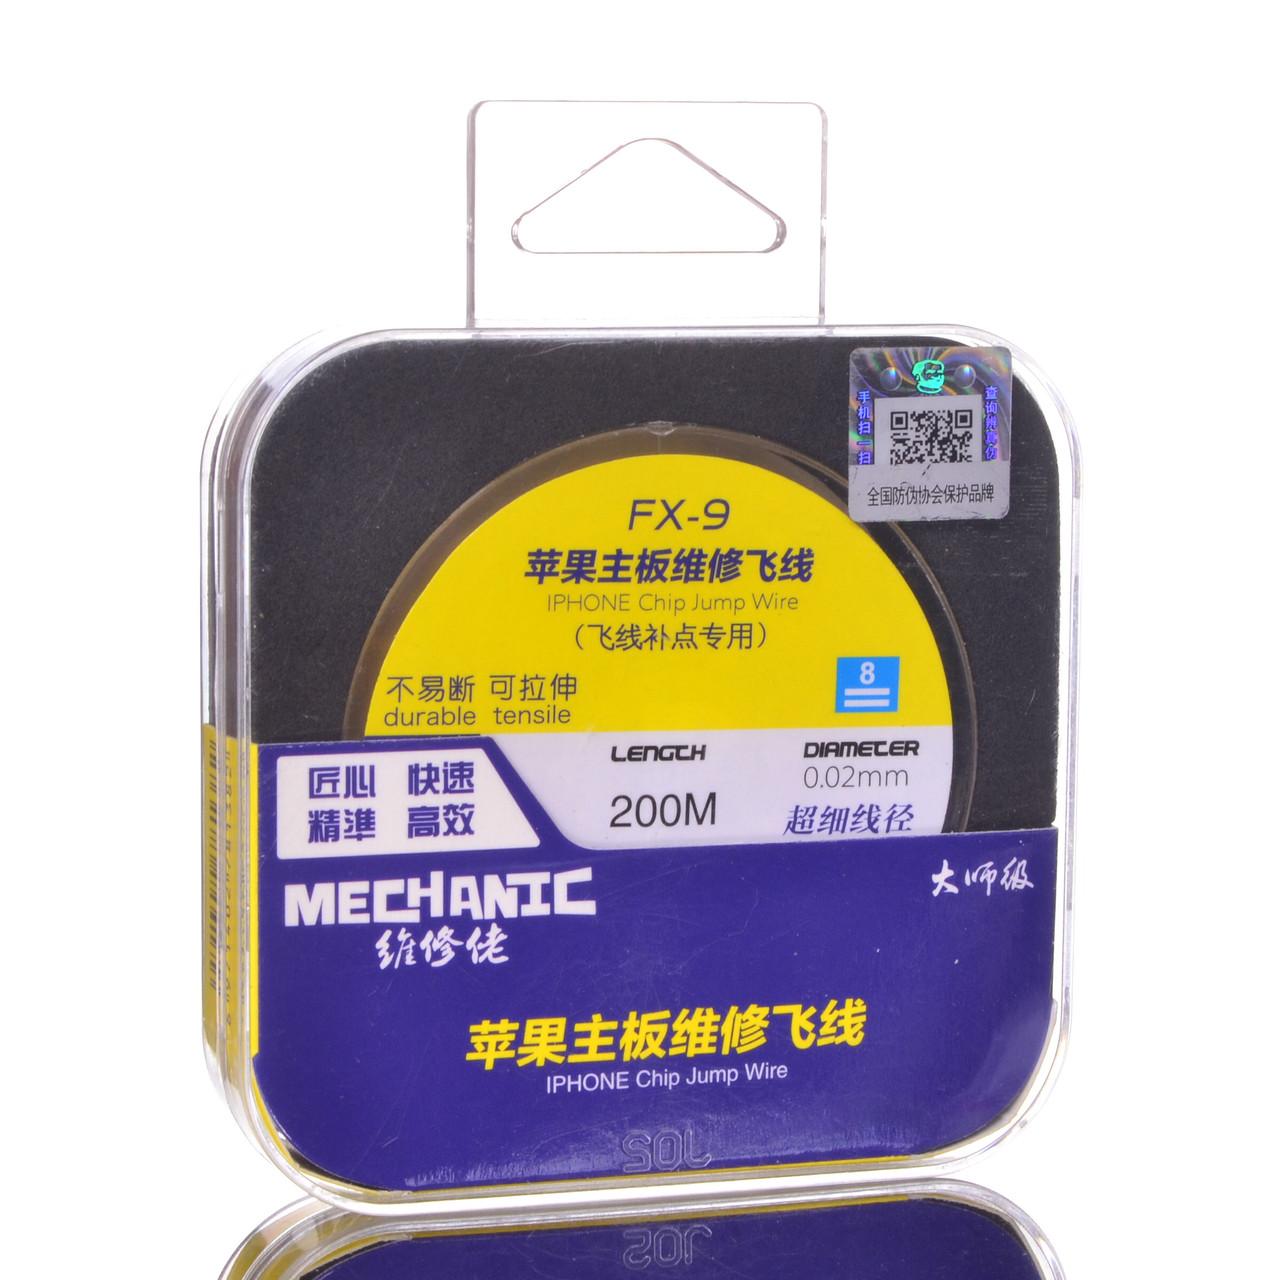 Дріт в котушці Mechanic FX-9 (для монтажу перемичок, D=0.02 mm, L=200 m)